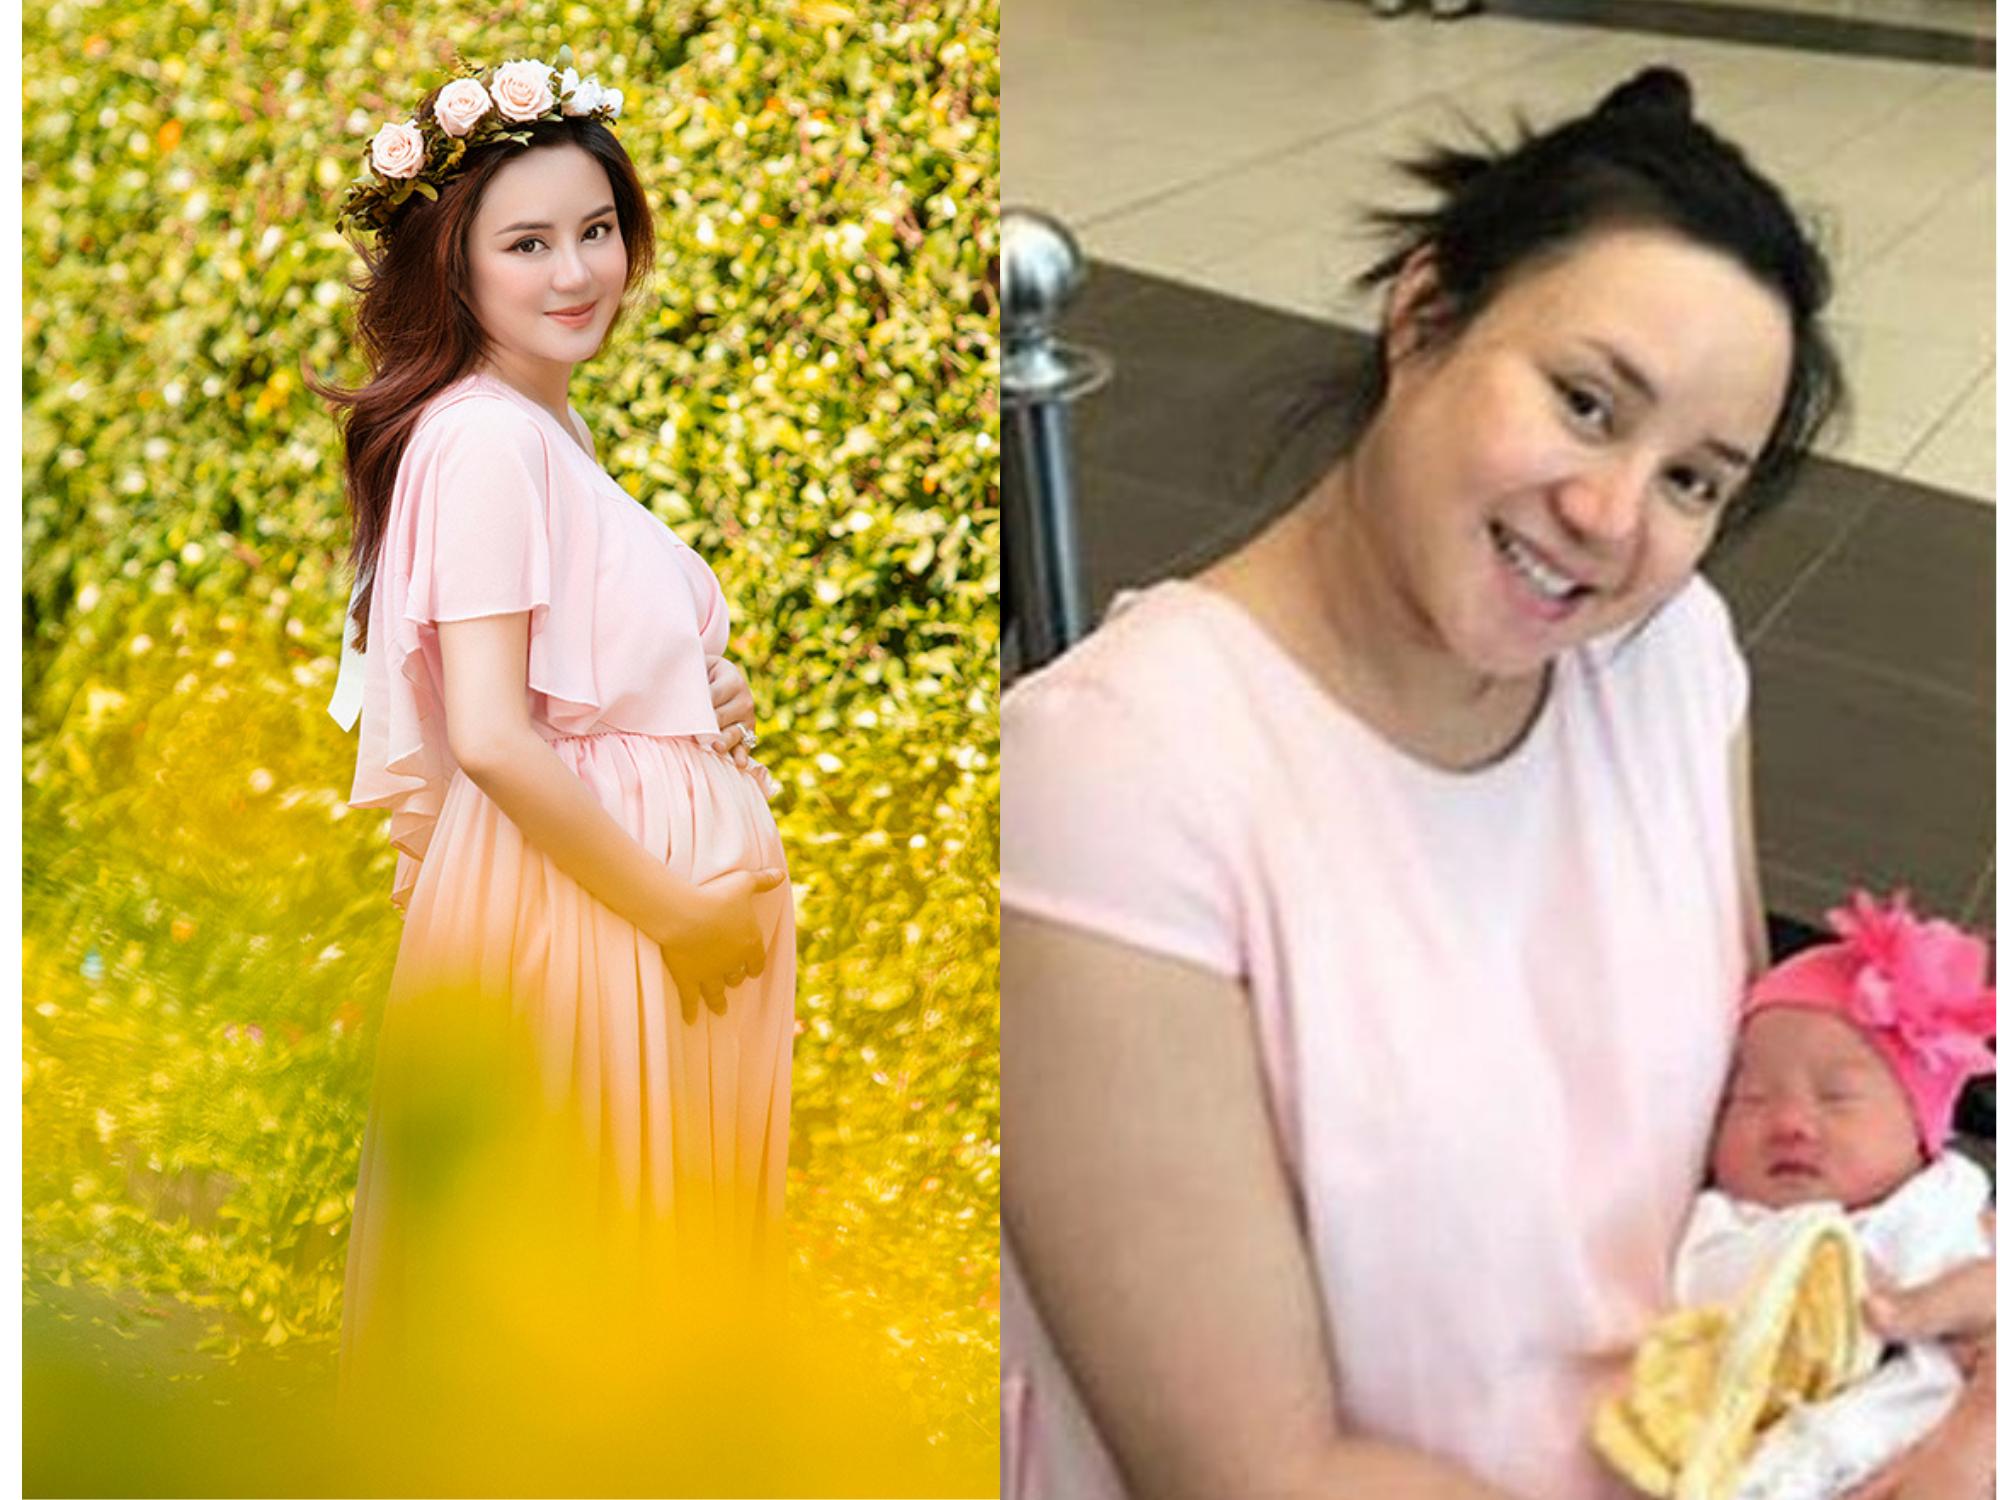 Vy Oanh mang thai quý tử thứ 3 tận 12 tháng, thuộc trường hợp hiếm gặp trên thế giới?